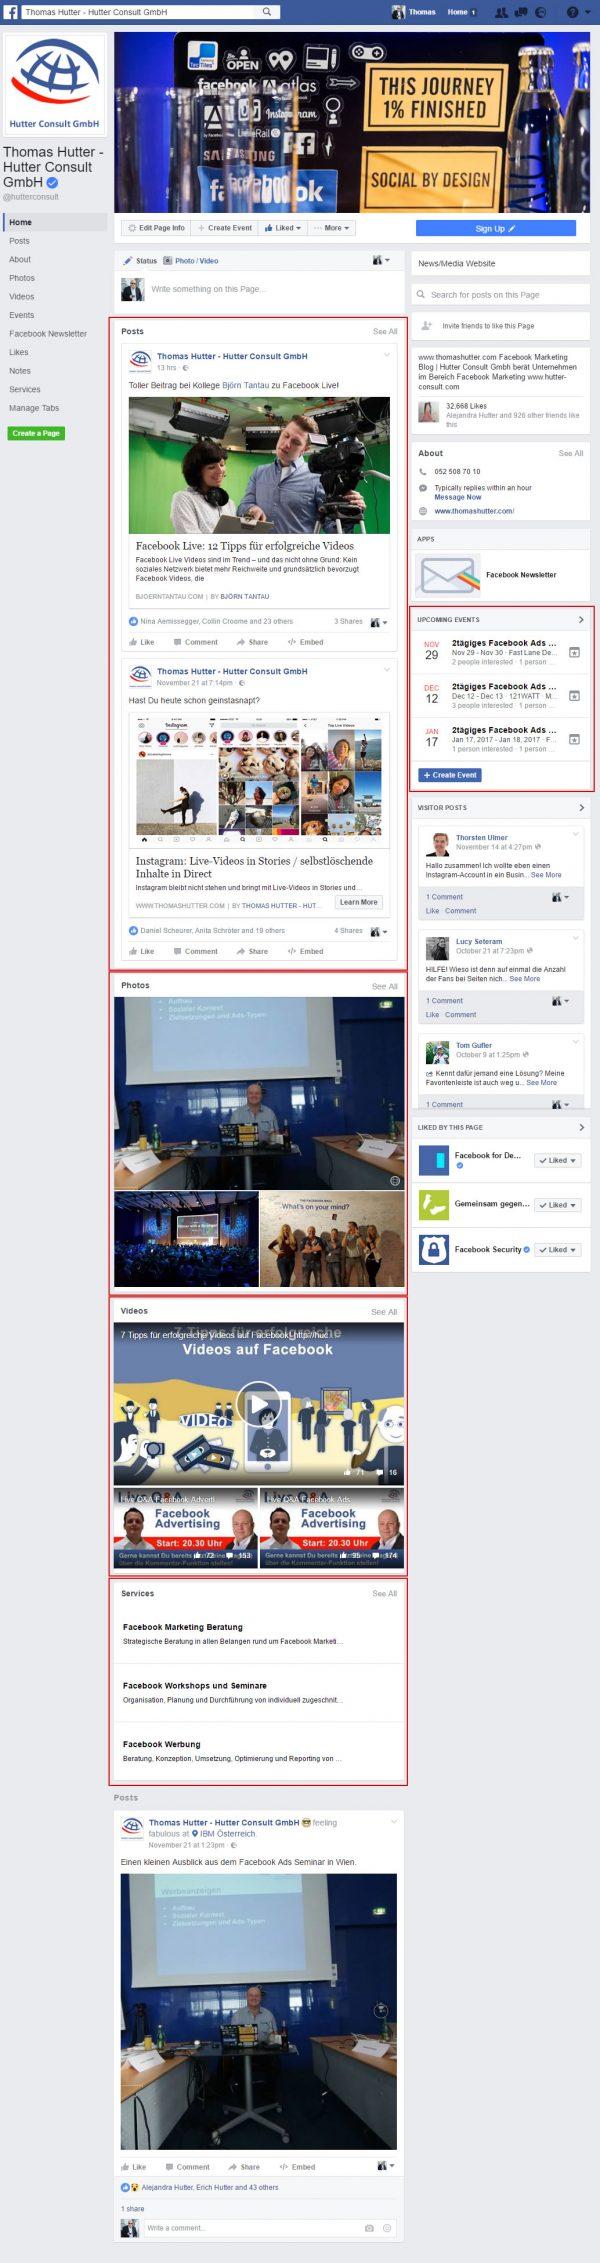 Das neue Facebook Seitenlayout mit Themen-Boxen